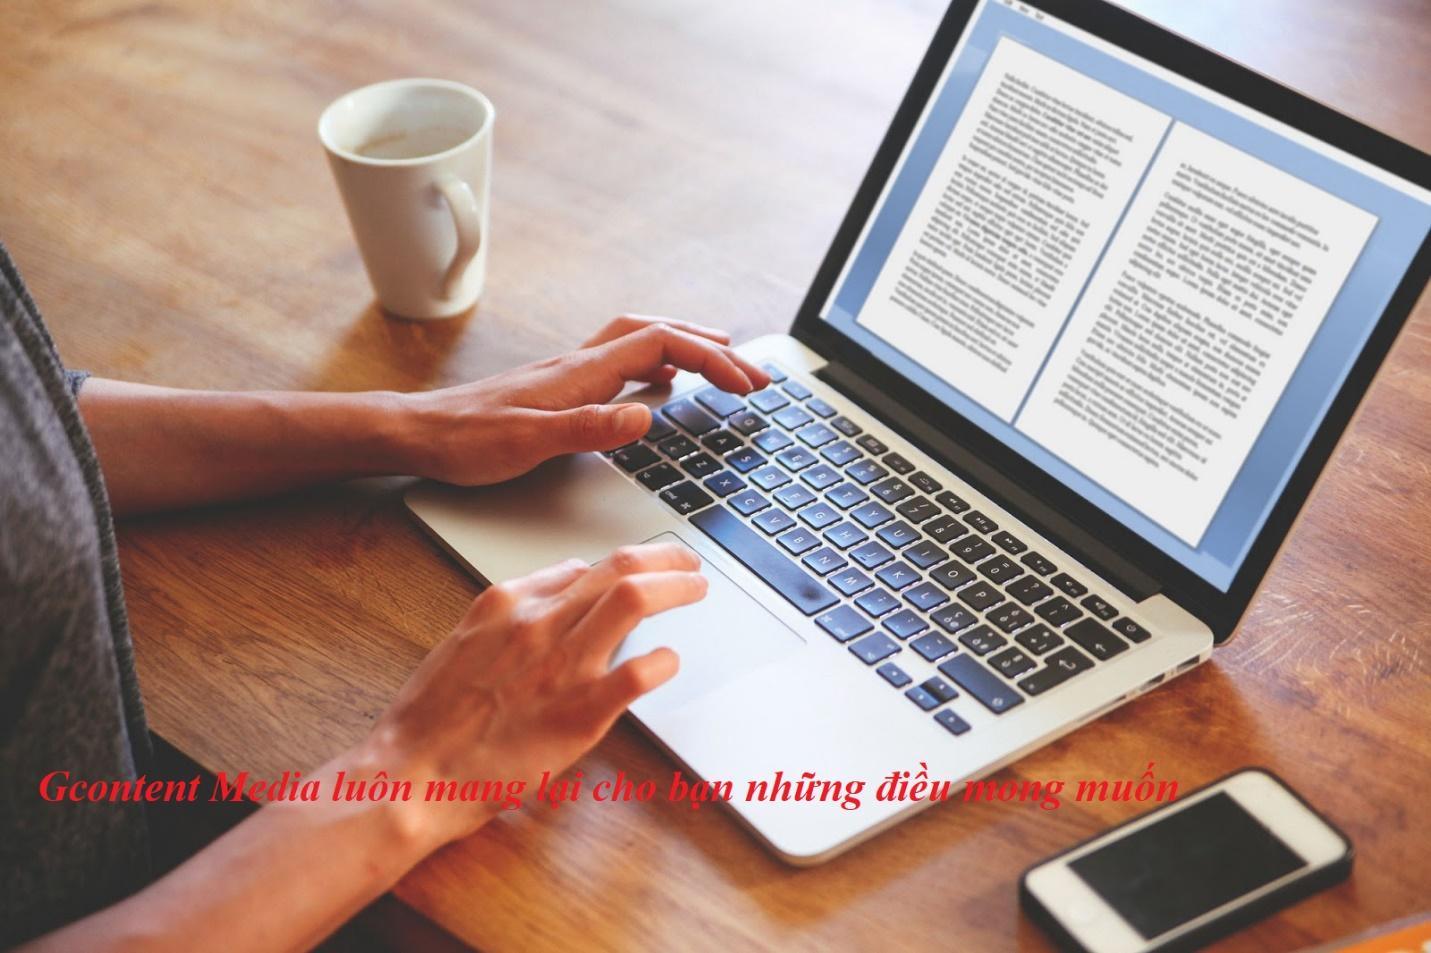 Dịch vụ viết bài PR sản phẩm – chất lượng – hiệu quả 200% - giá rẻ